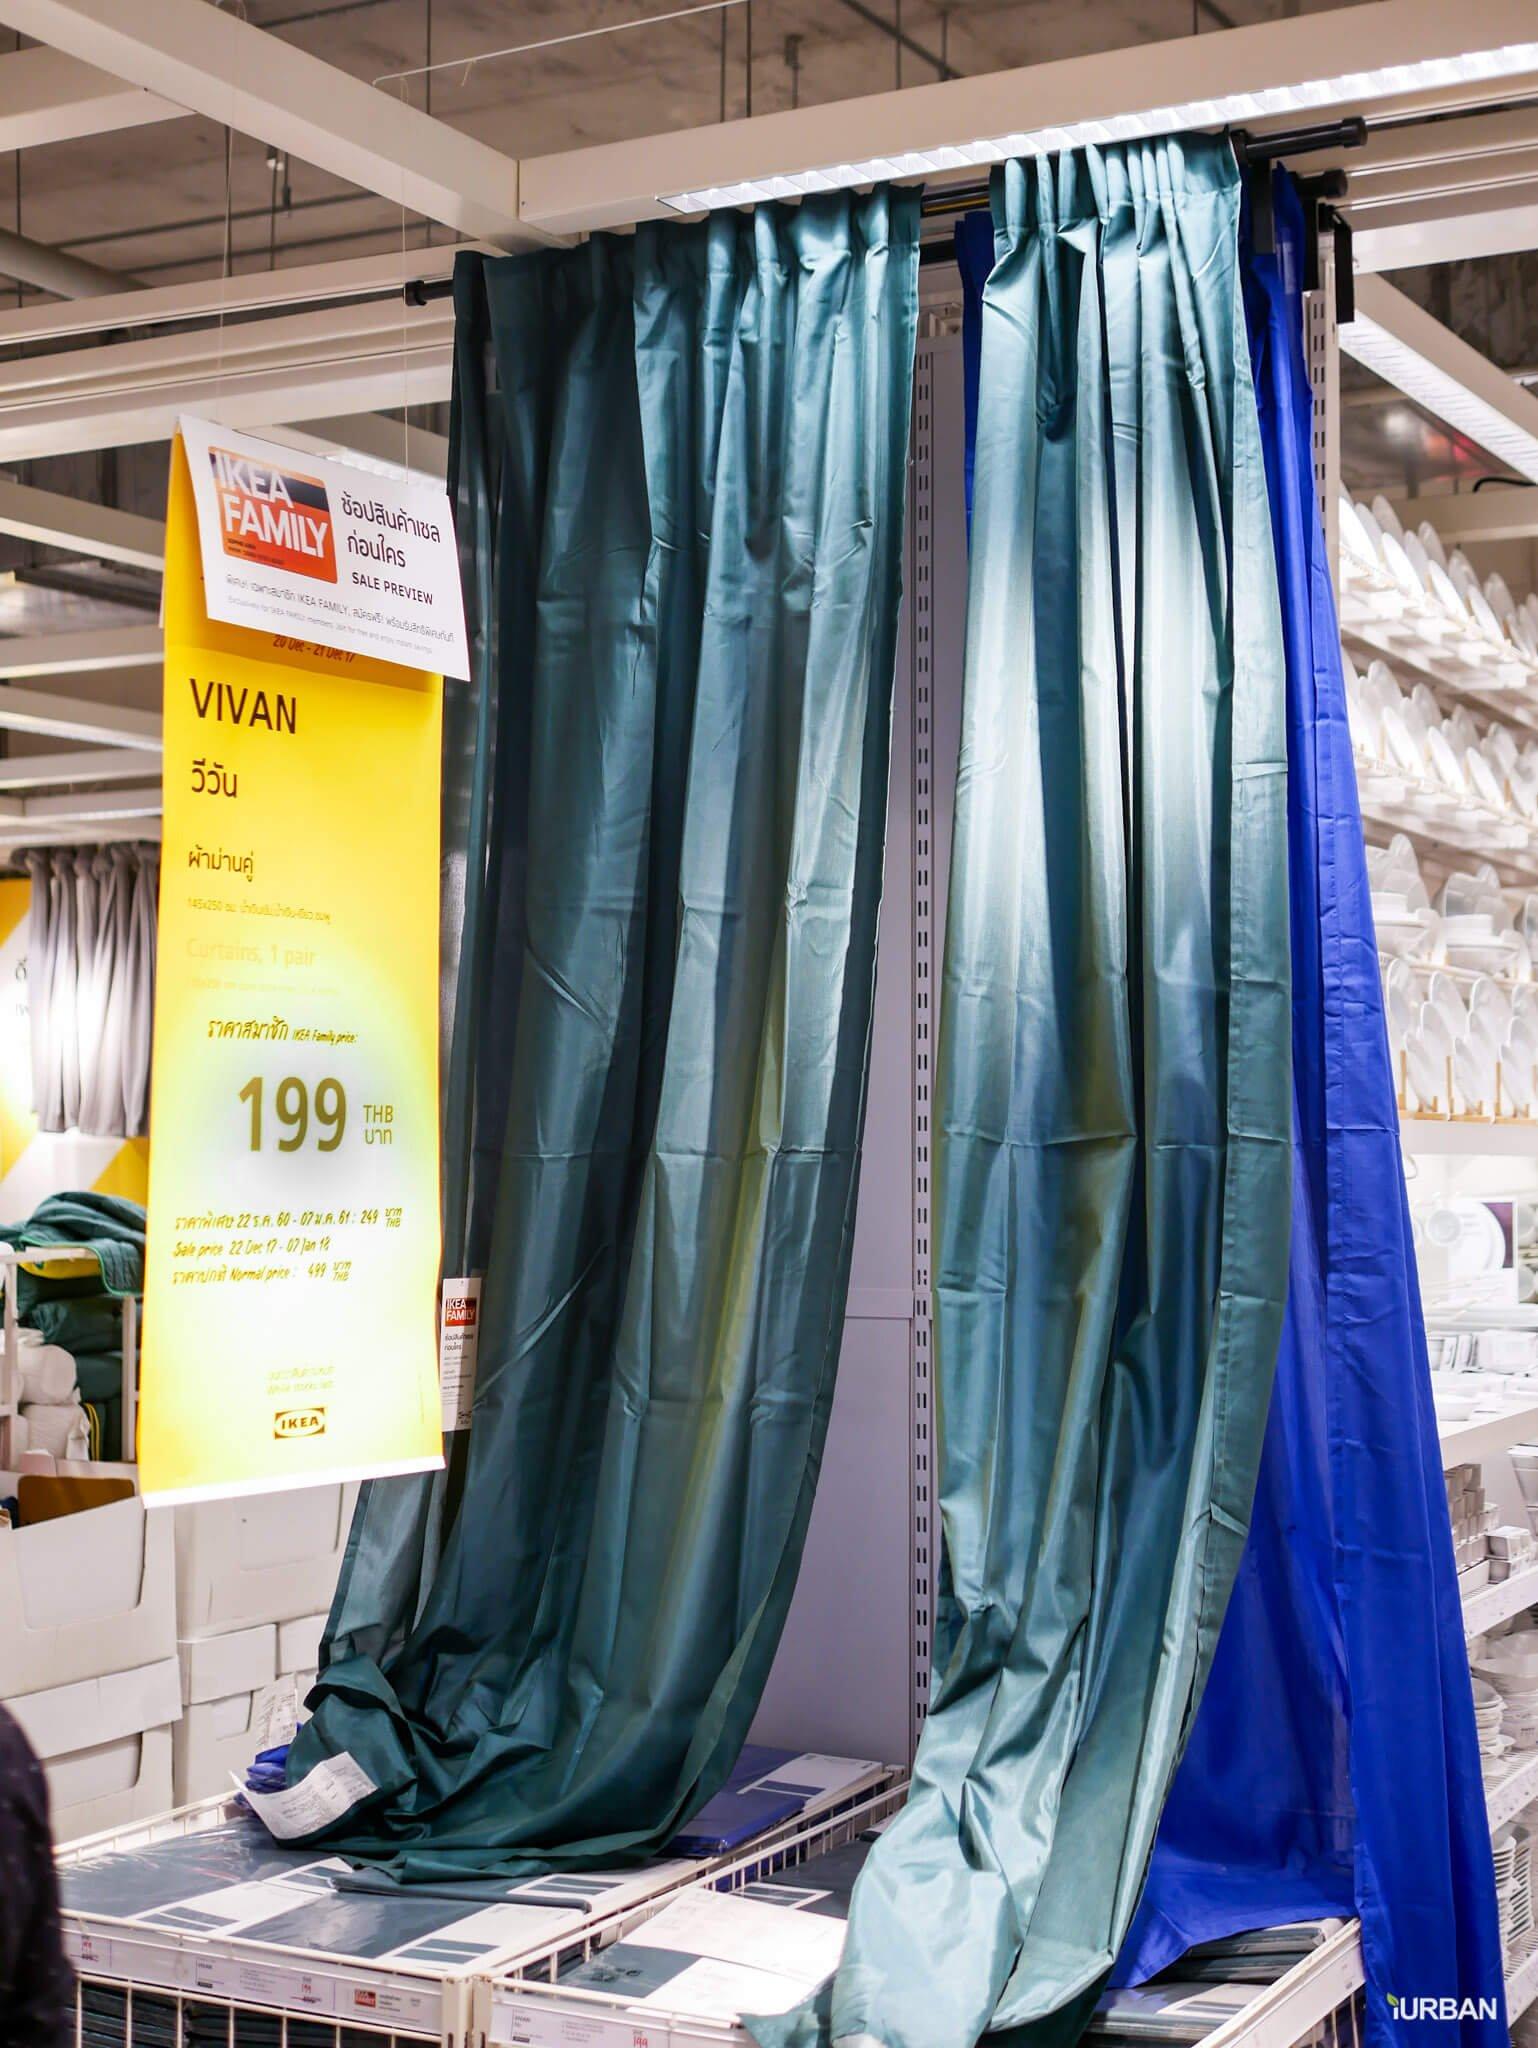 มันเยอะมากกกก!! IKEA Year End SALE 2017 รวมของเซลในอิเกีย ลดเยอะ ลดแหลก รีบพุ่งตัวไป วันนี้ - 7 มกราคม 61 124 - IKEA (อิเกีย)